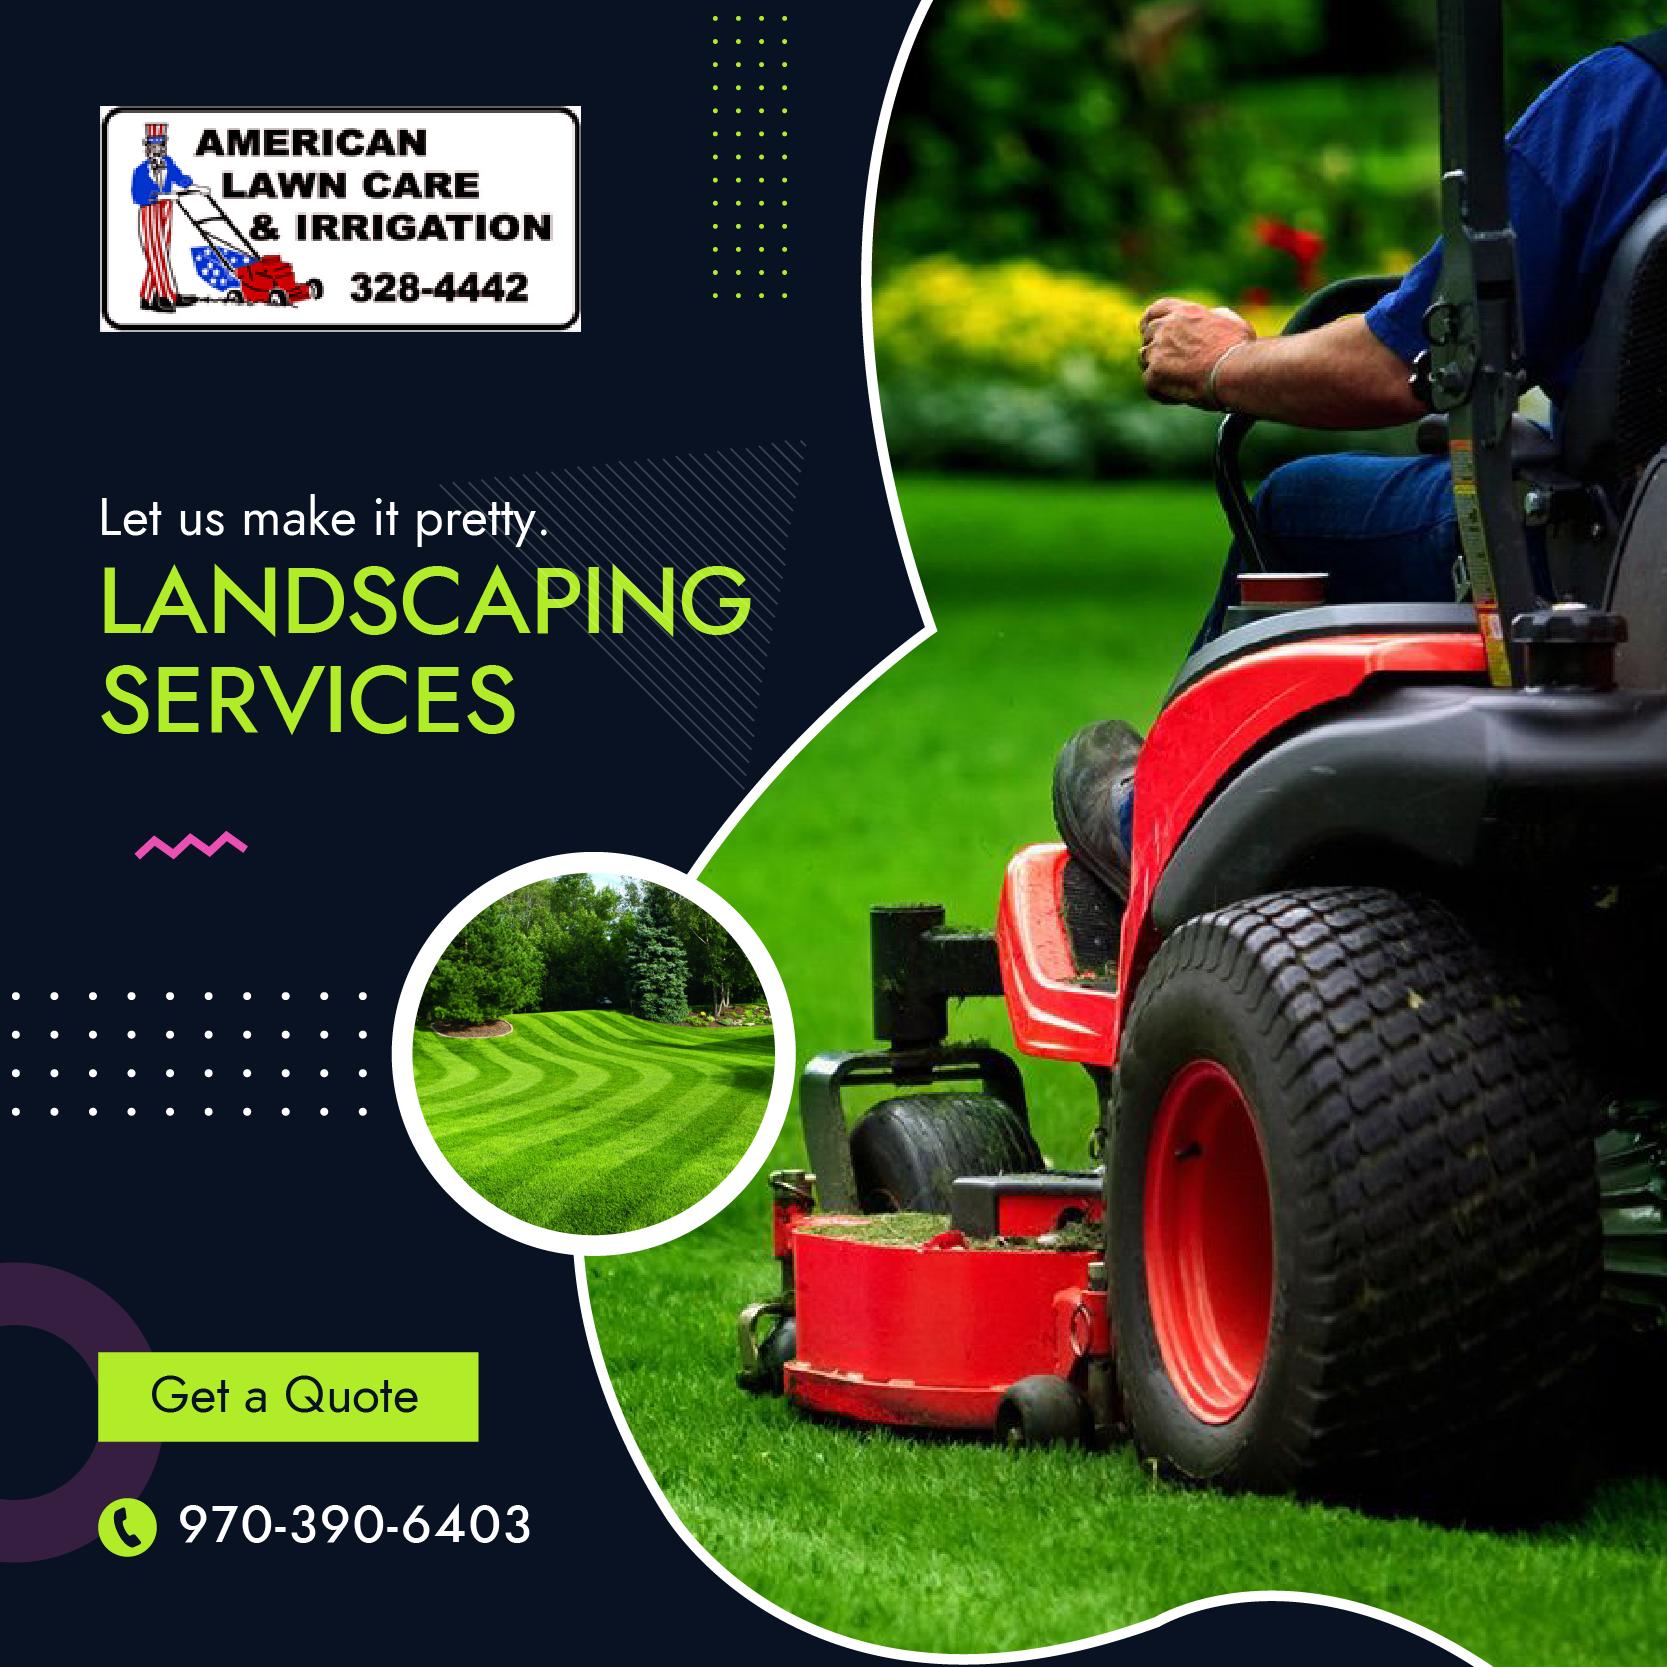 Commercial Landscape Maintenance Company Lawn Care Landscape Maintenance Landscape Services